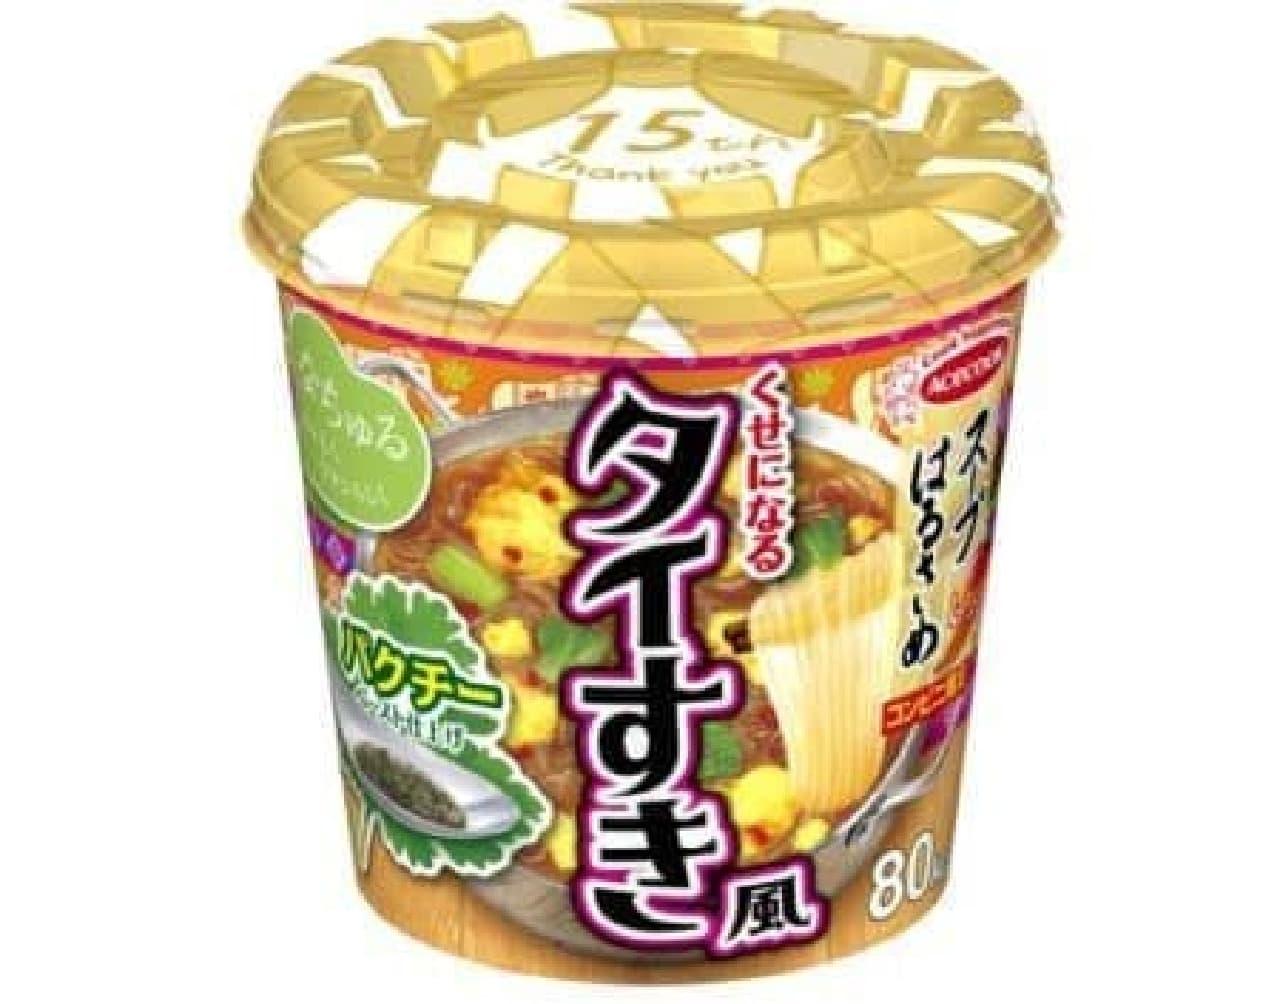 「スープはるさめ タイすき風パクチー仕上げ」はタイすき風の甘辛いスープにパクチーペーストを加えて楽しむカップスープ